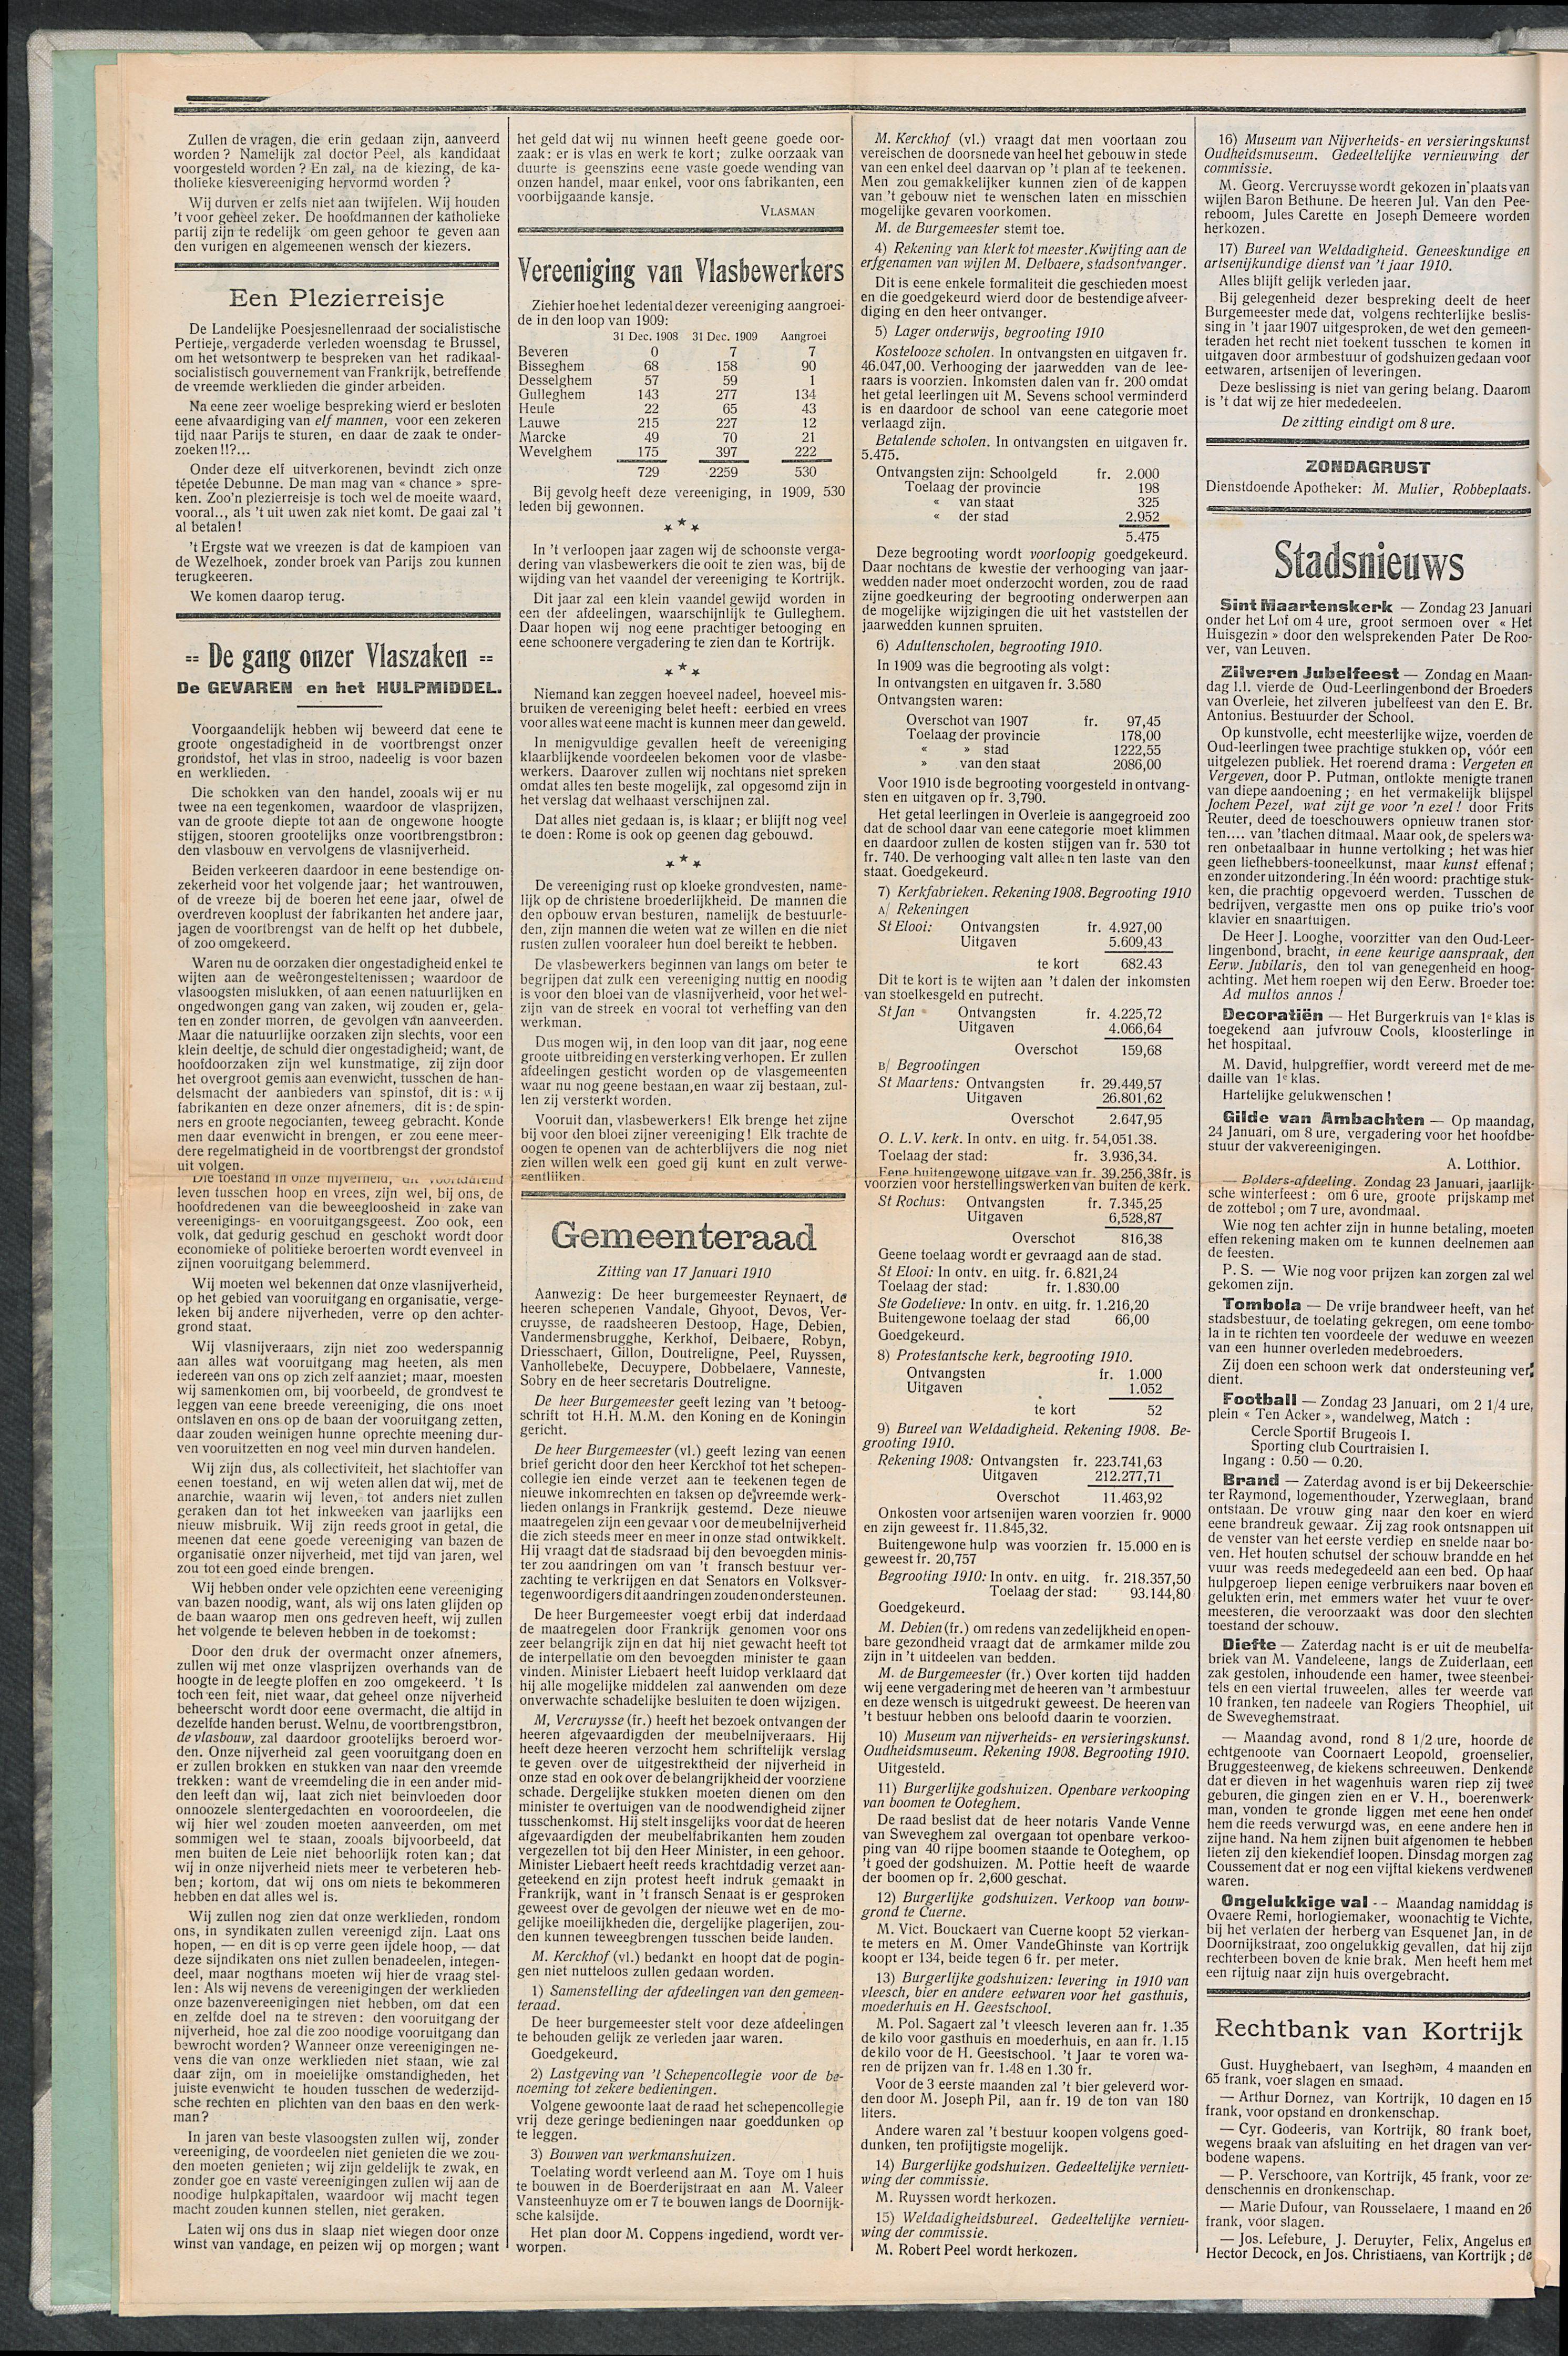 Het Kortrijksche Volk 1910-01-23 p2